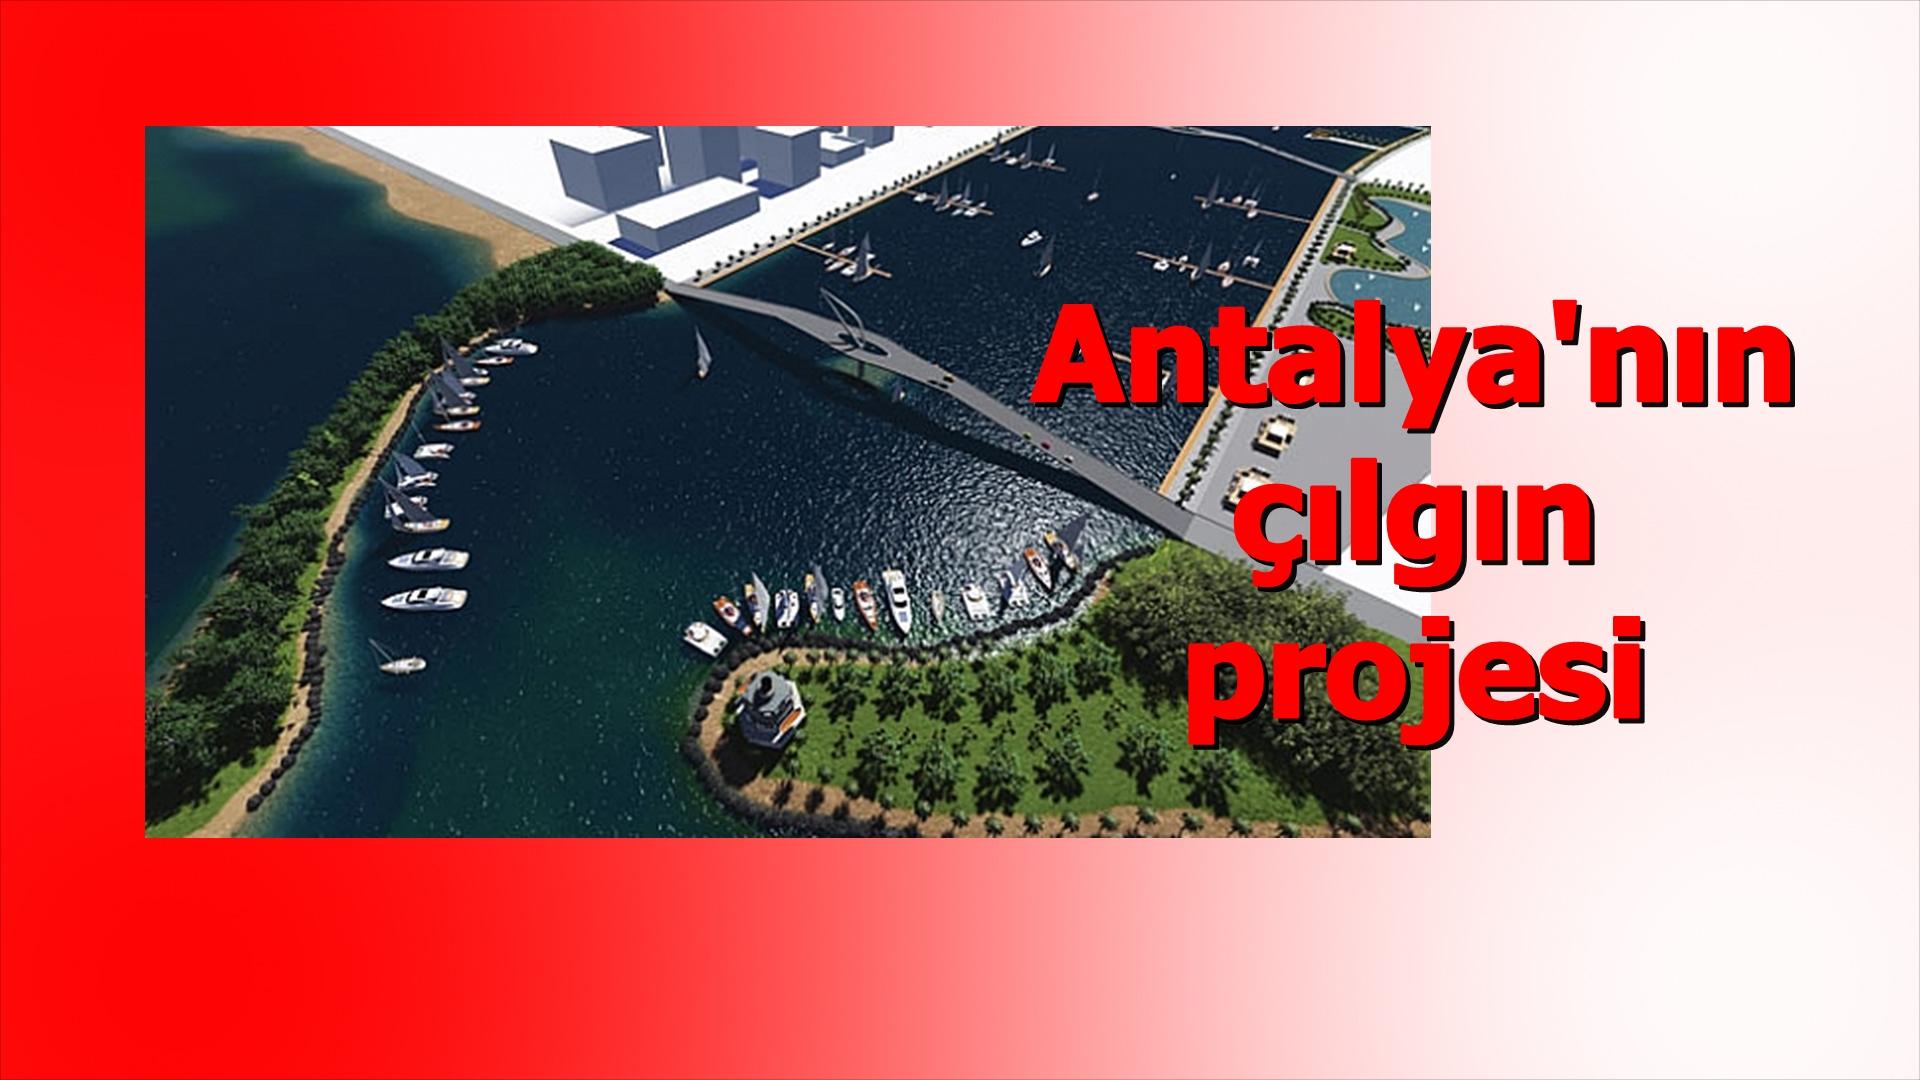 Antalya'nın çılgın projesi ihaleye çıktı